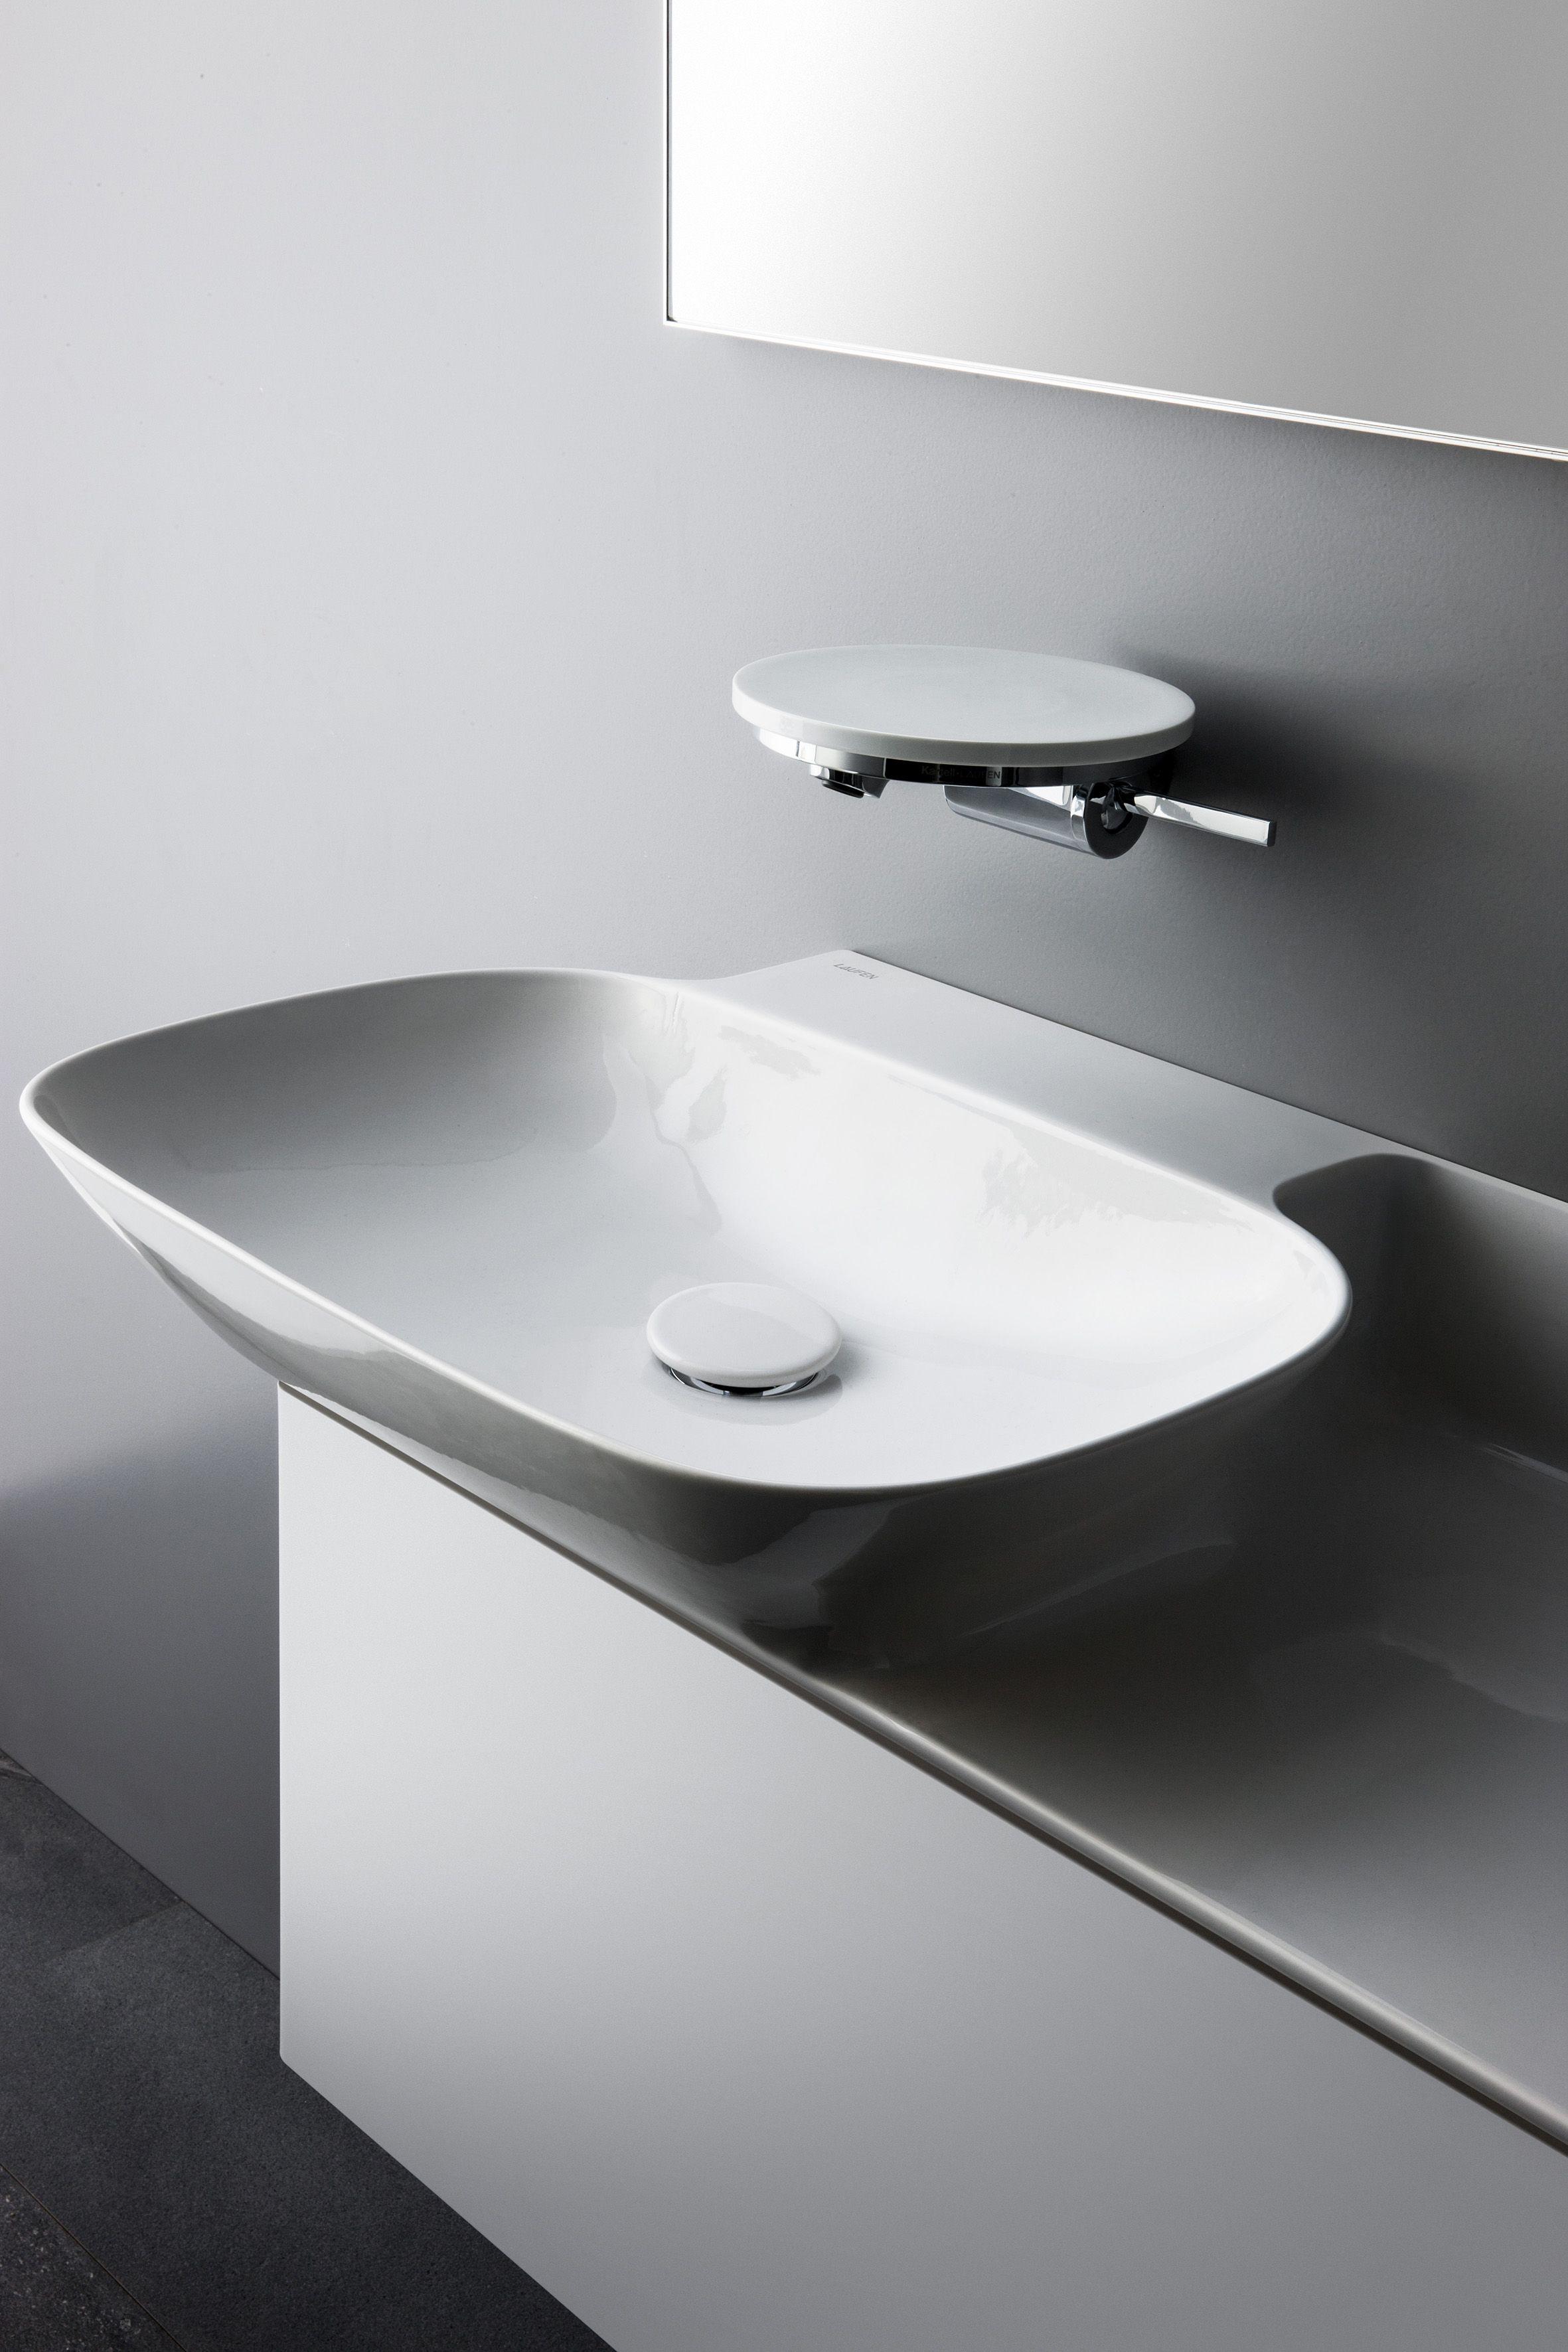 Op zoek naar badkamerinspiratie? Bezig met het kopen van een nieuwe ...